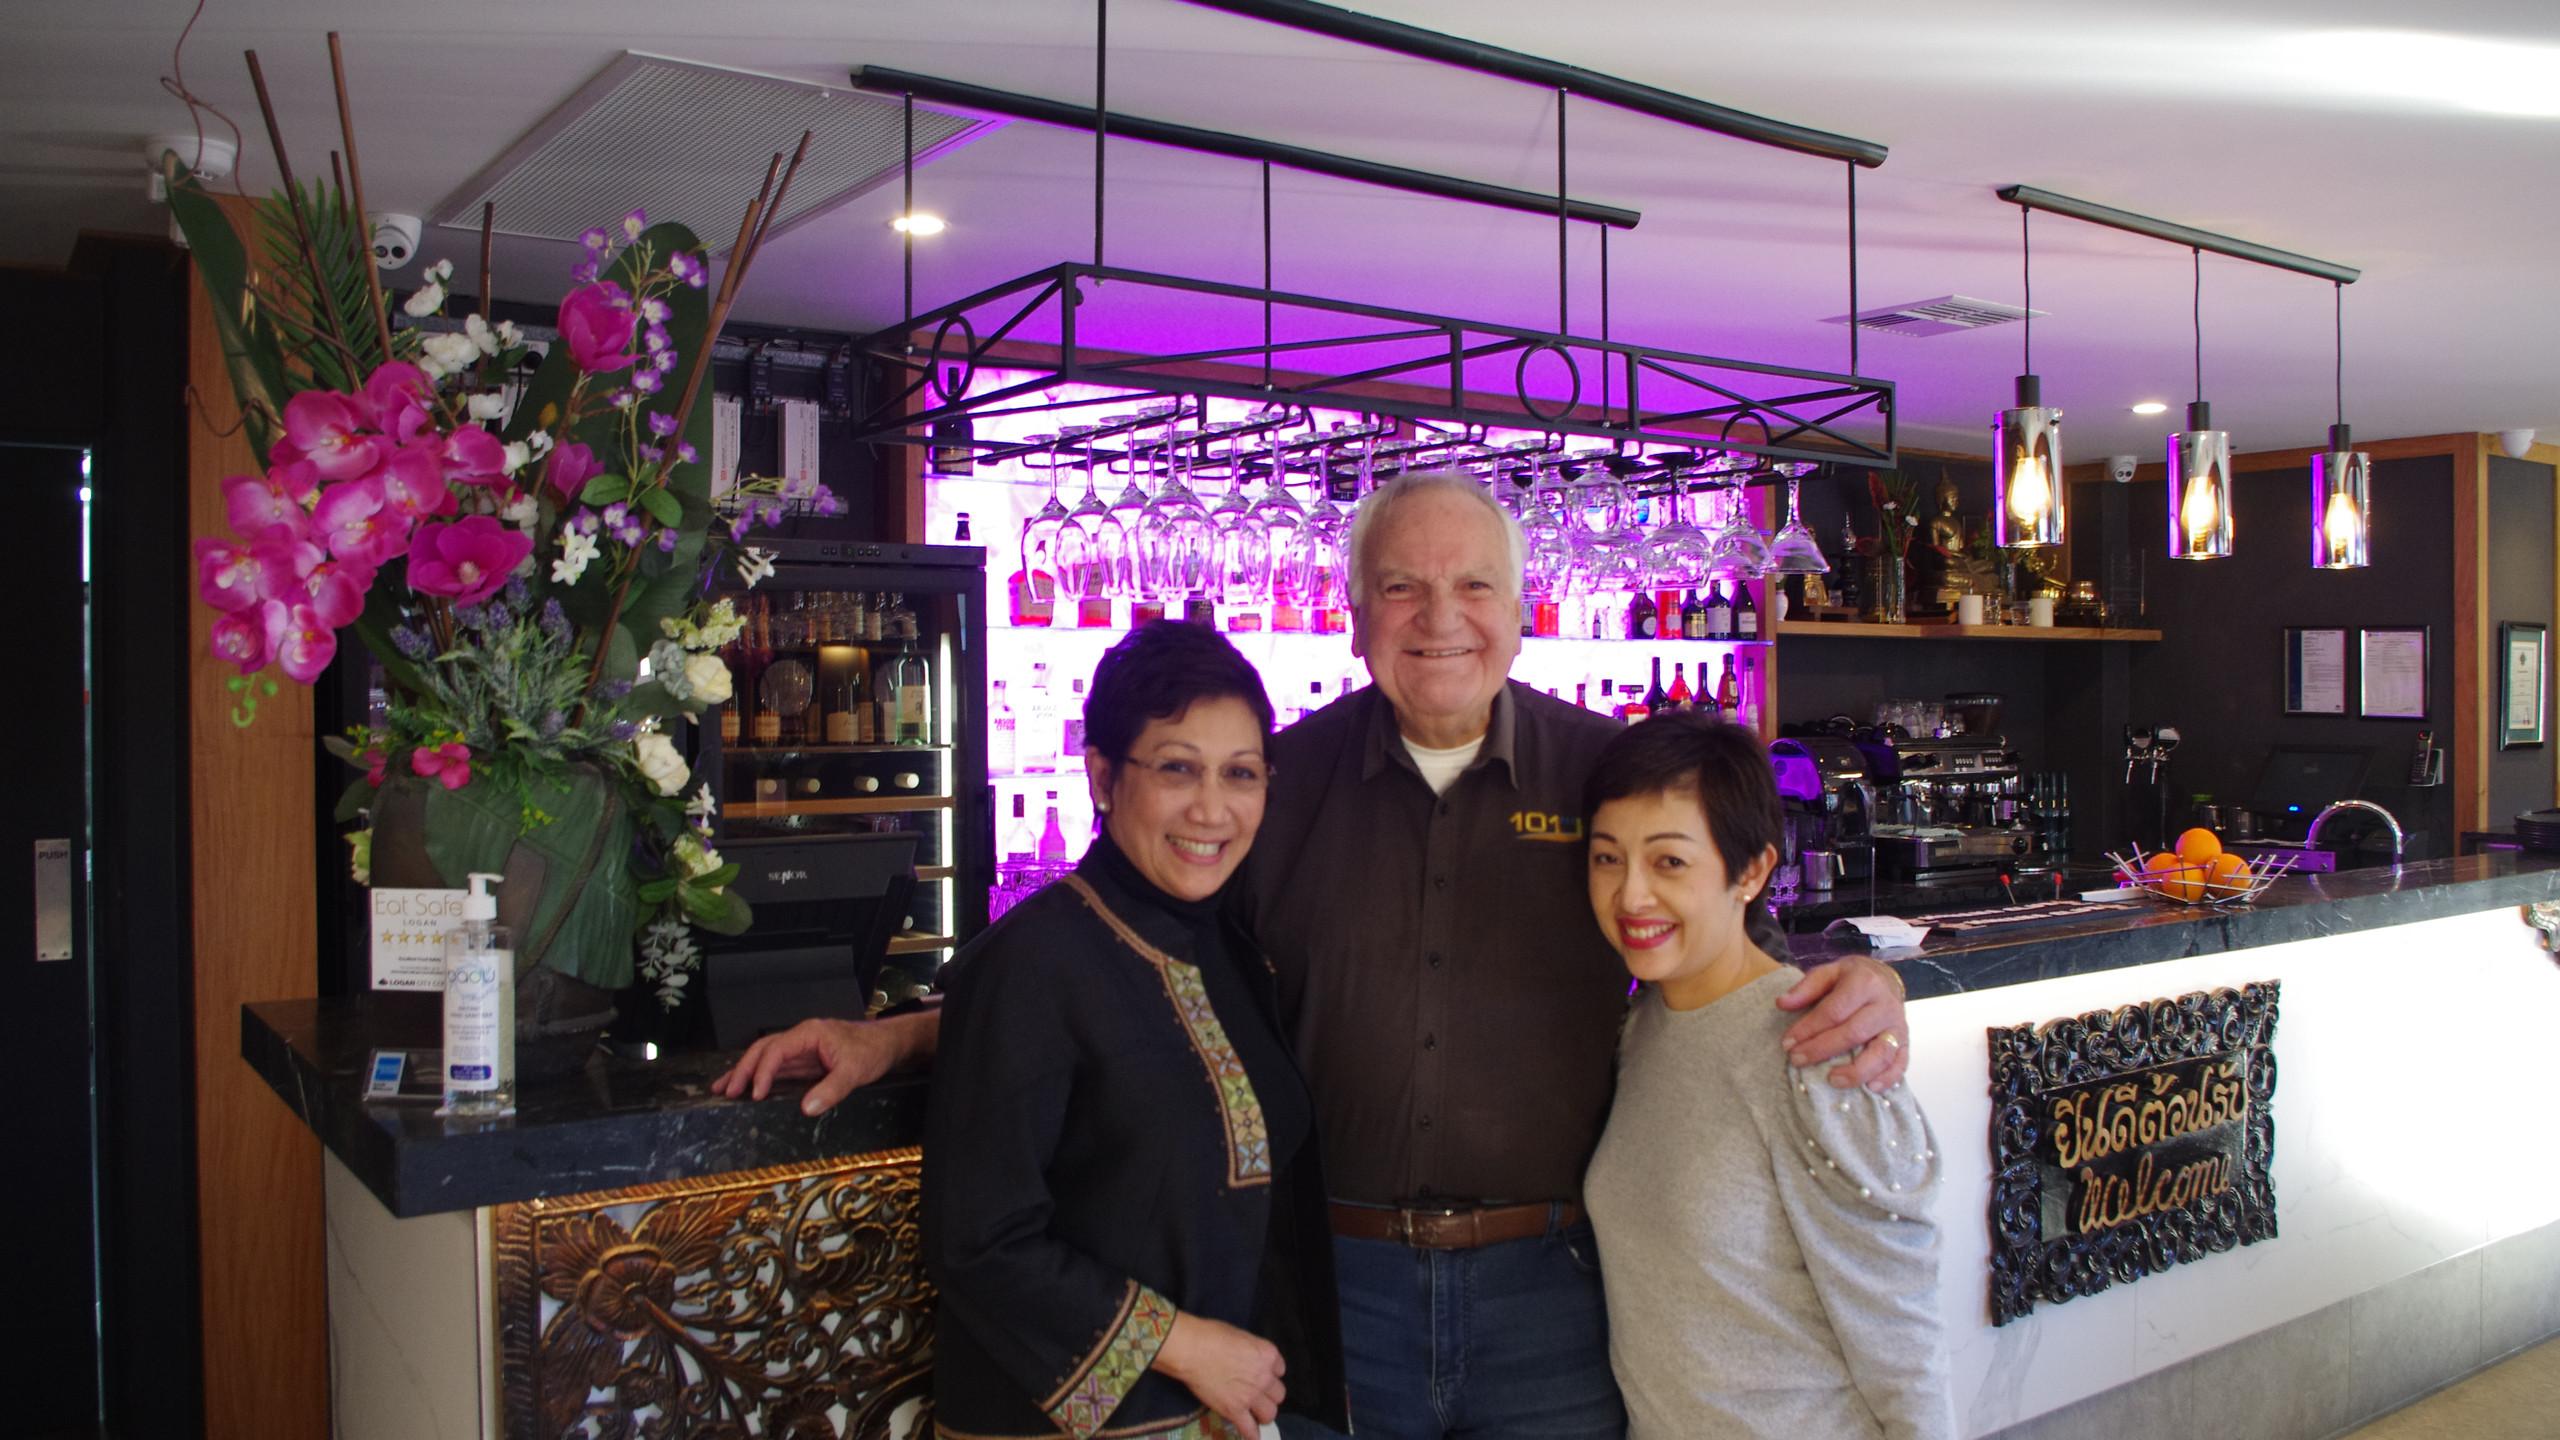 Tina, Alan & Mandy